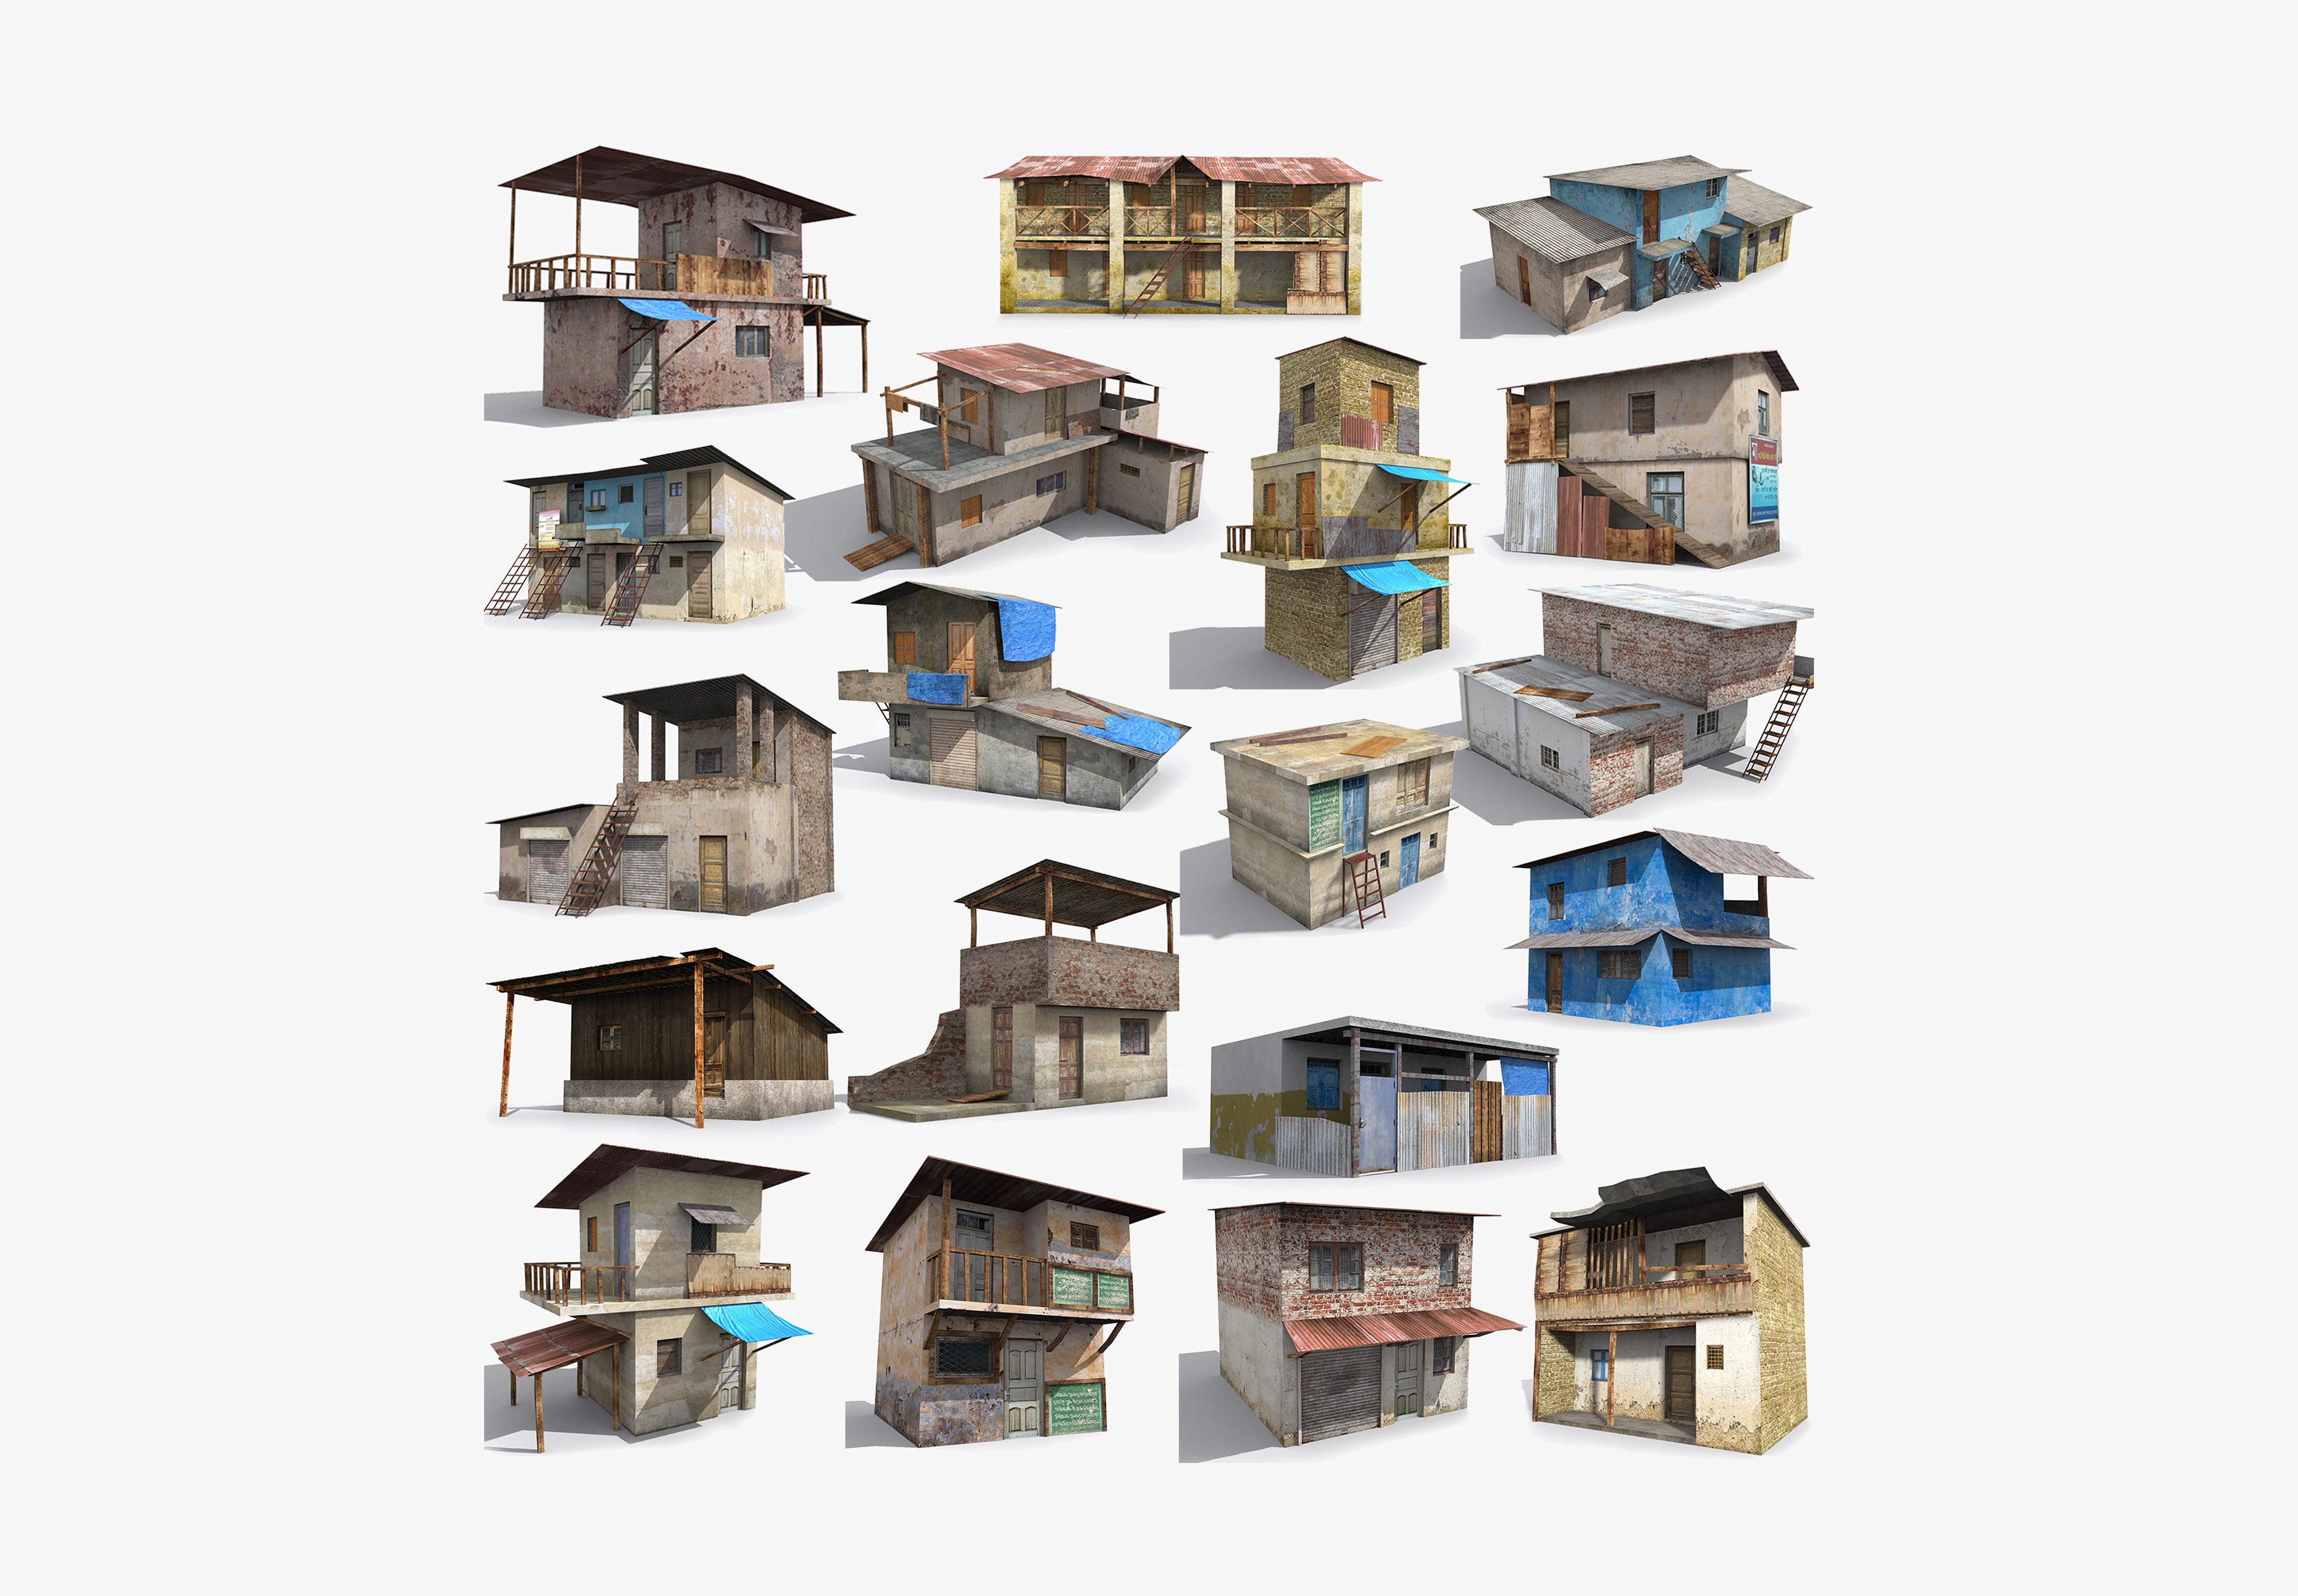 19 Slum Collection Low-poly 3D model